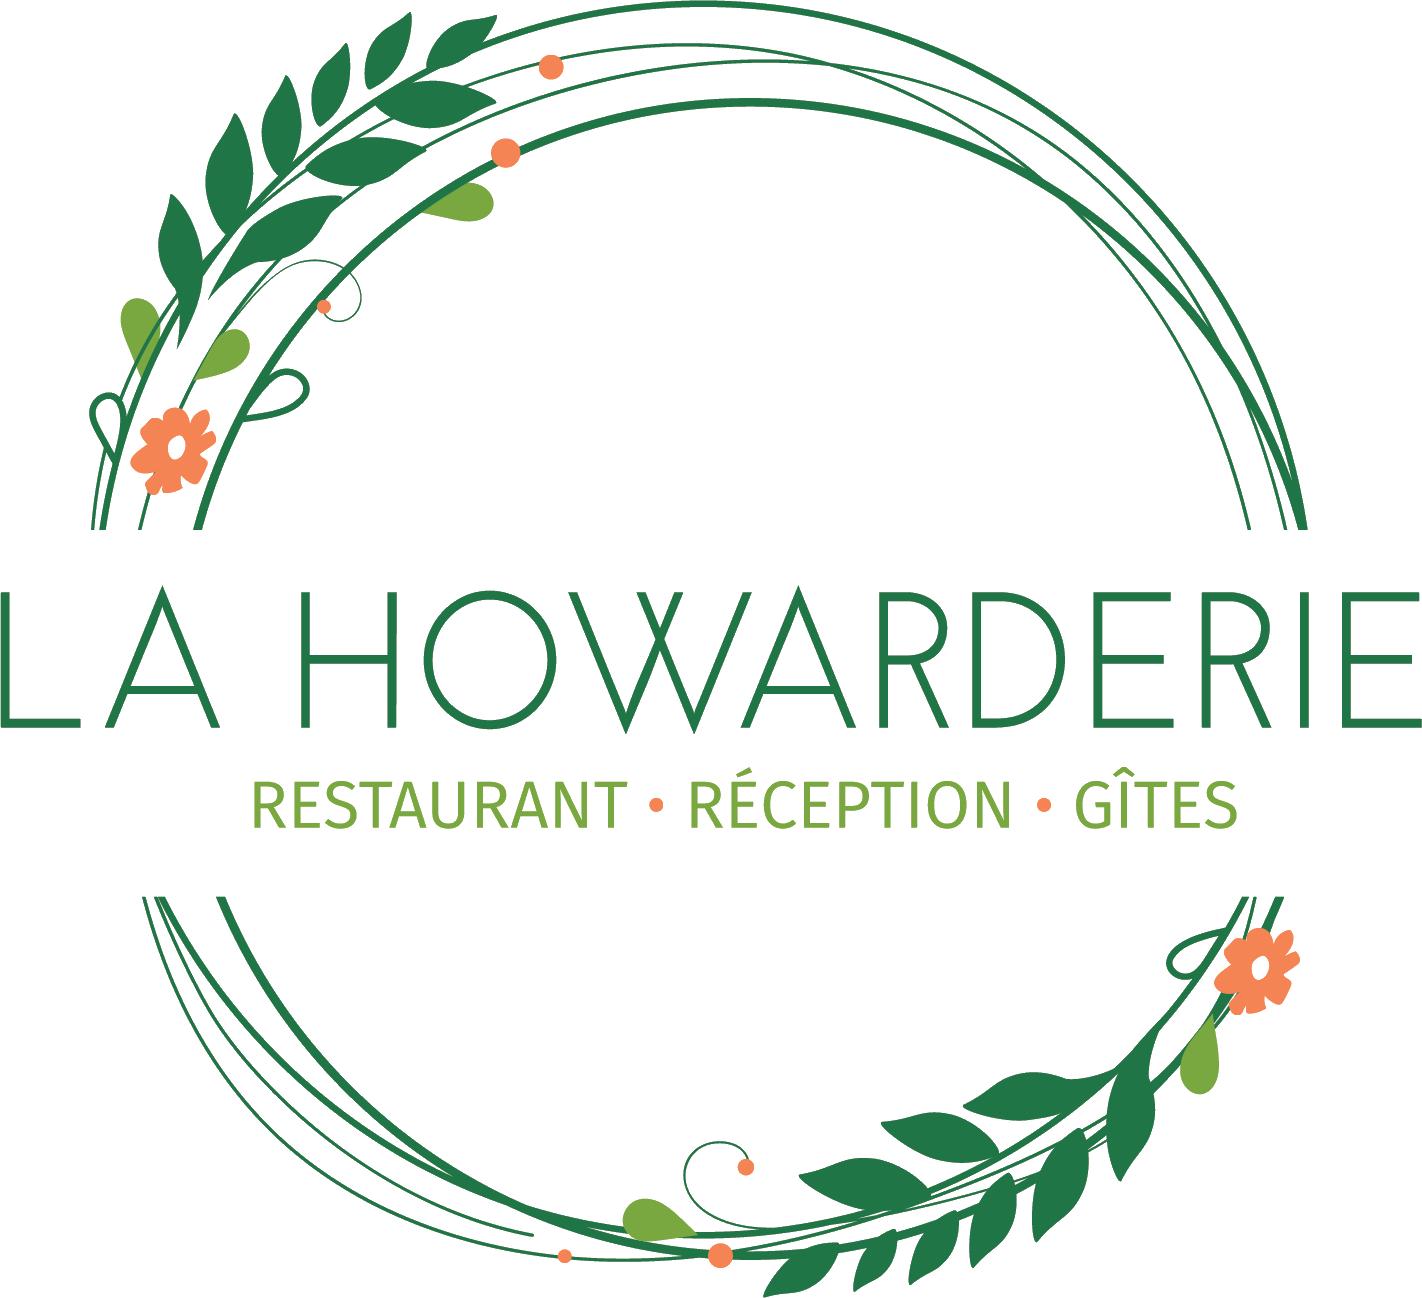 La Howarderie